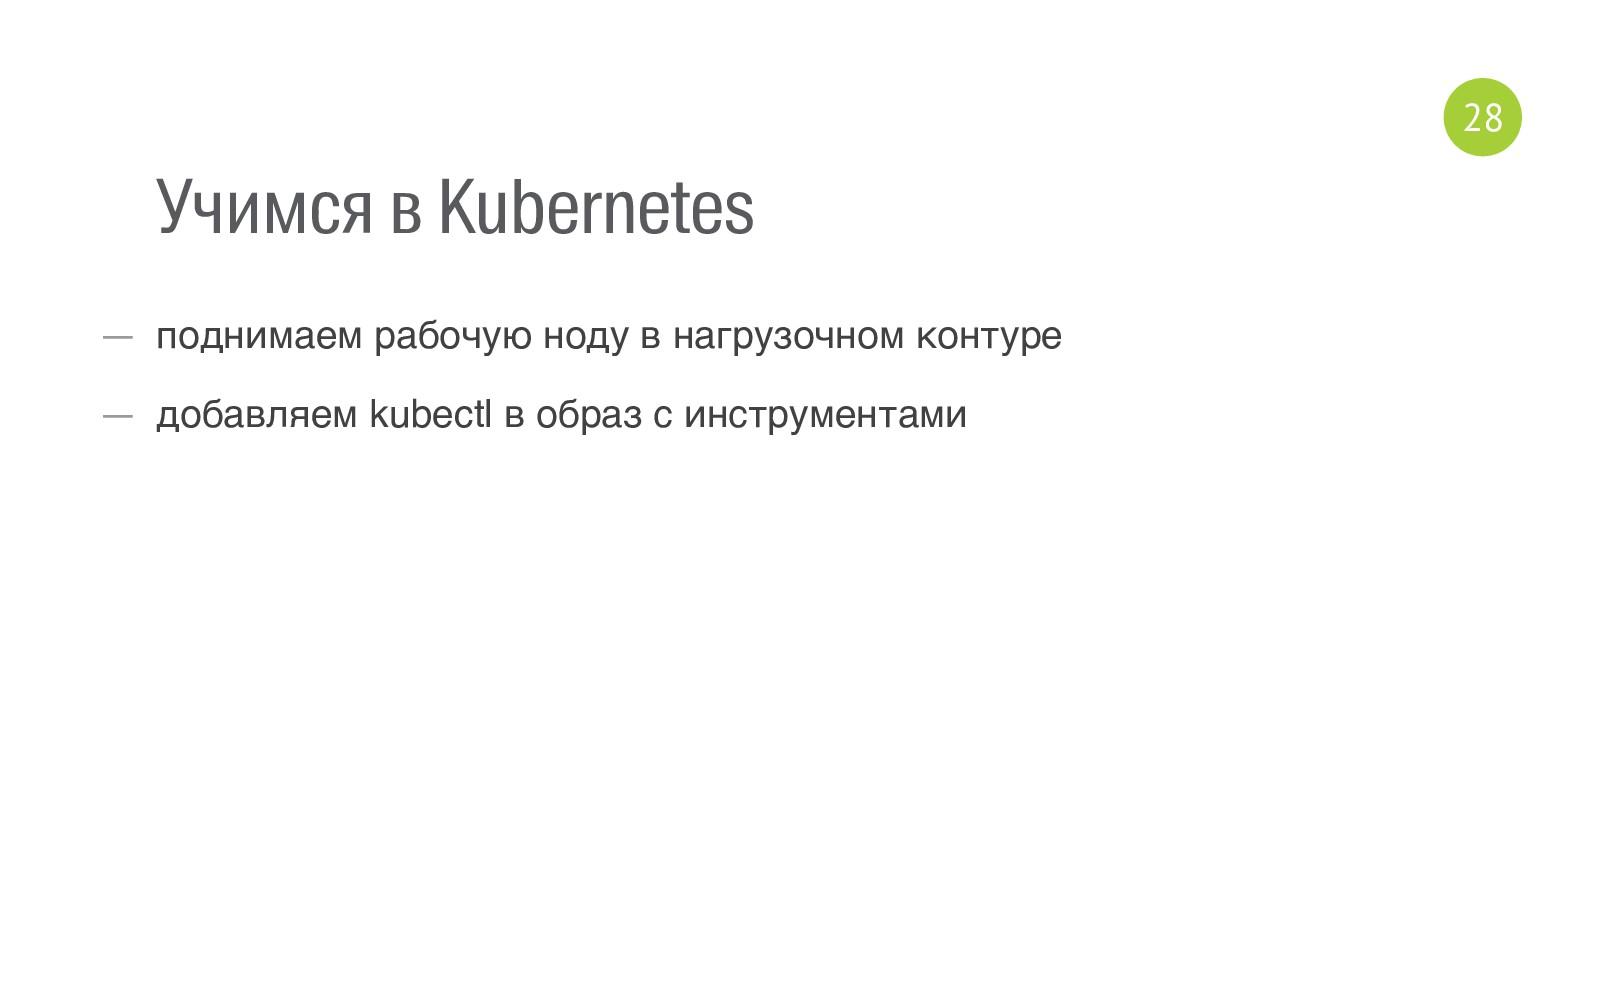 Учимся в Kubernetes — поднимаем рабочую ноду в ...